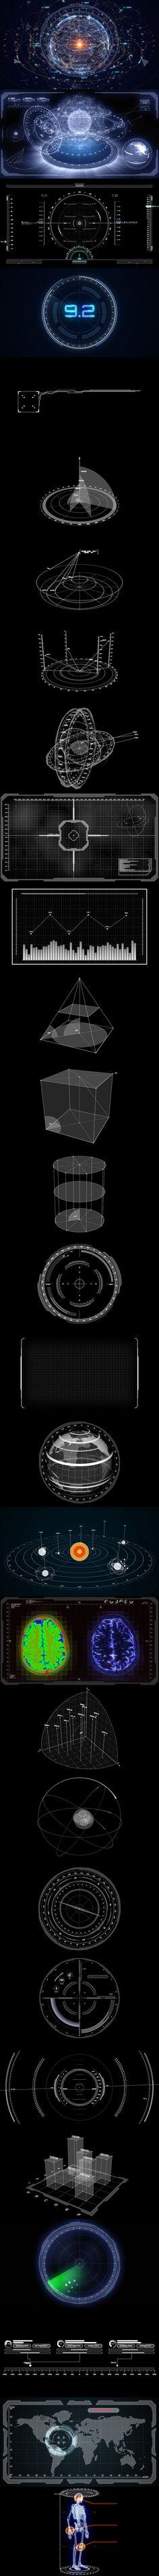 科技元素设计套装3 UI 科幻 界面 元...